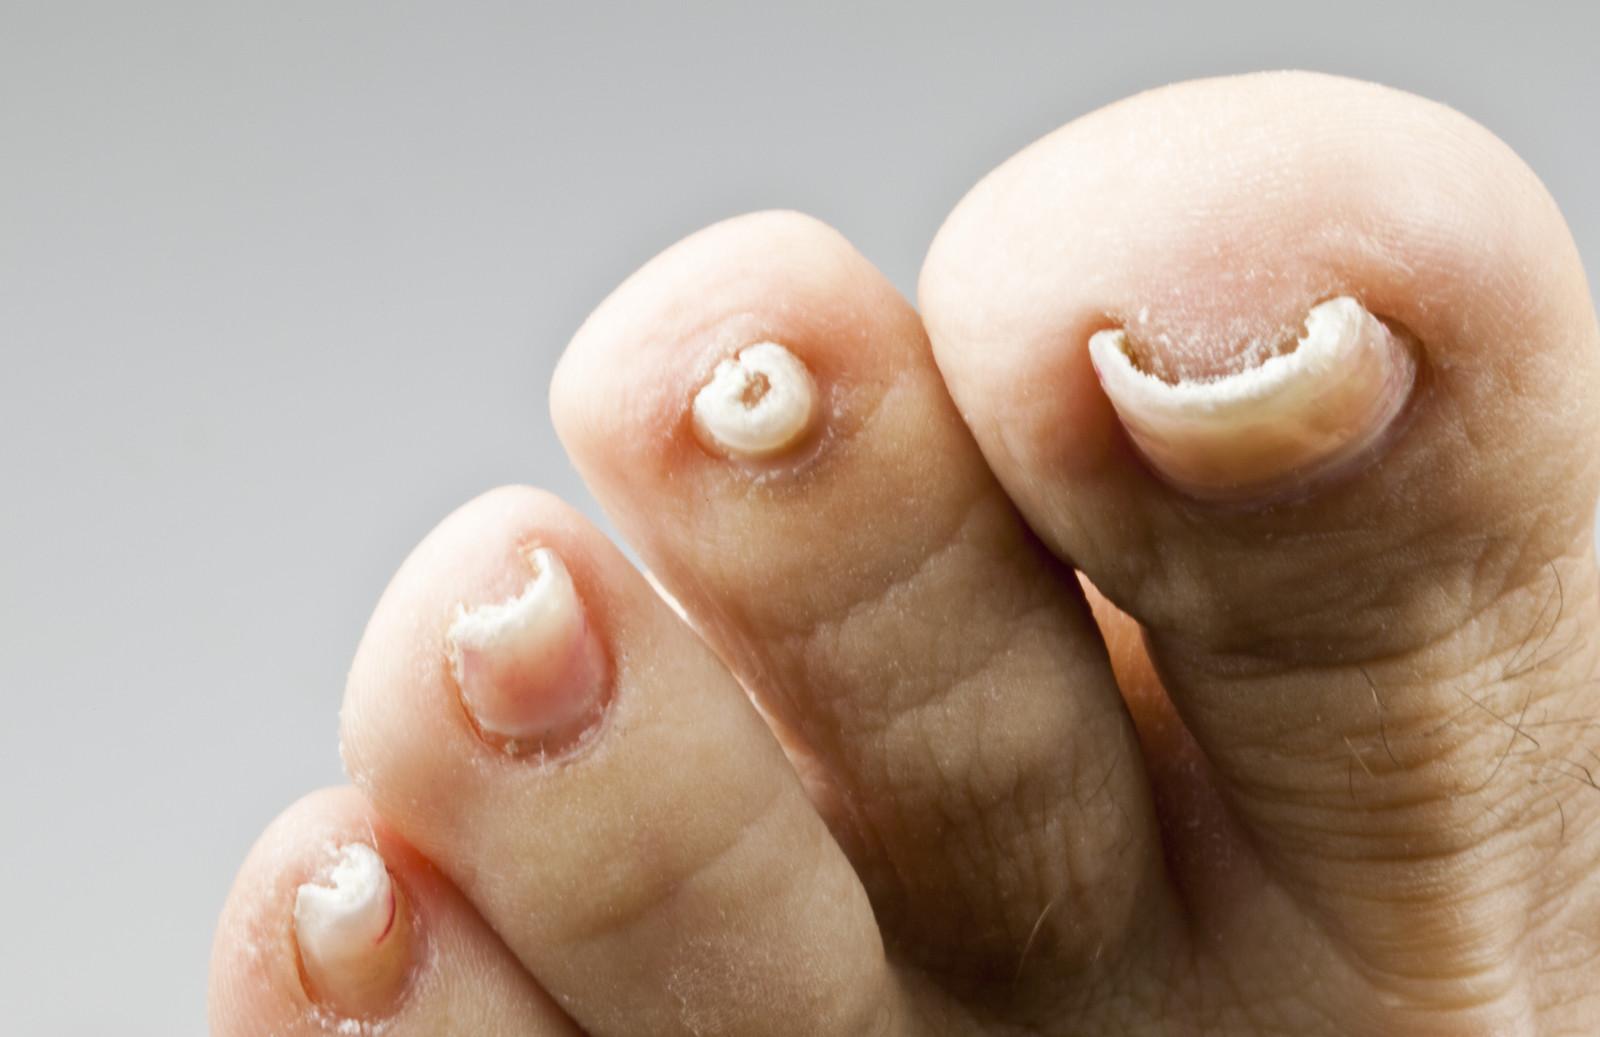 Nagelpilz: Ursachen Symptomen und Mittel gegen Nagelpilz